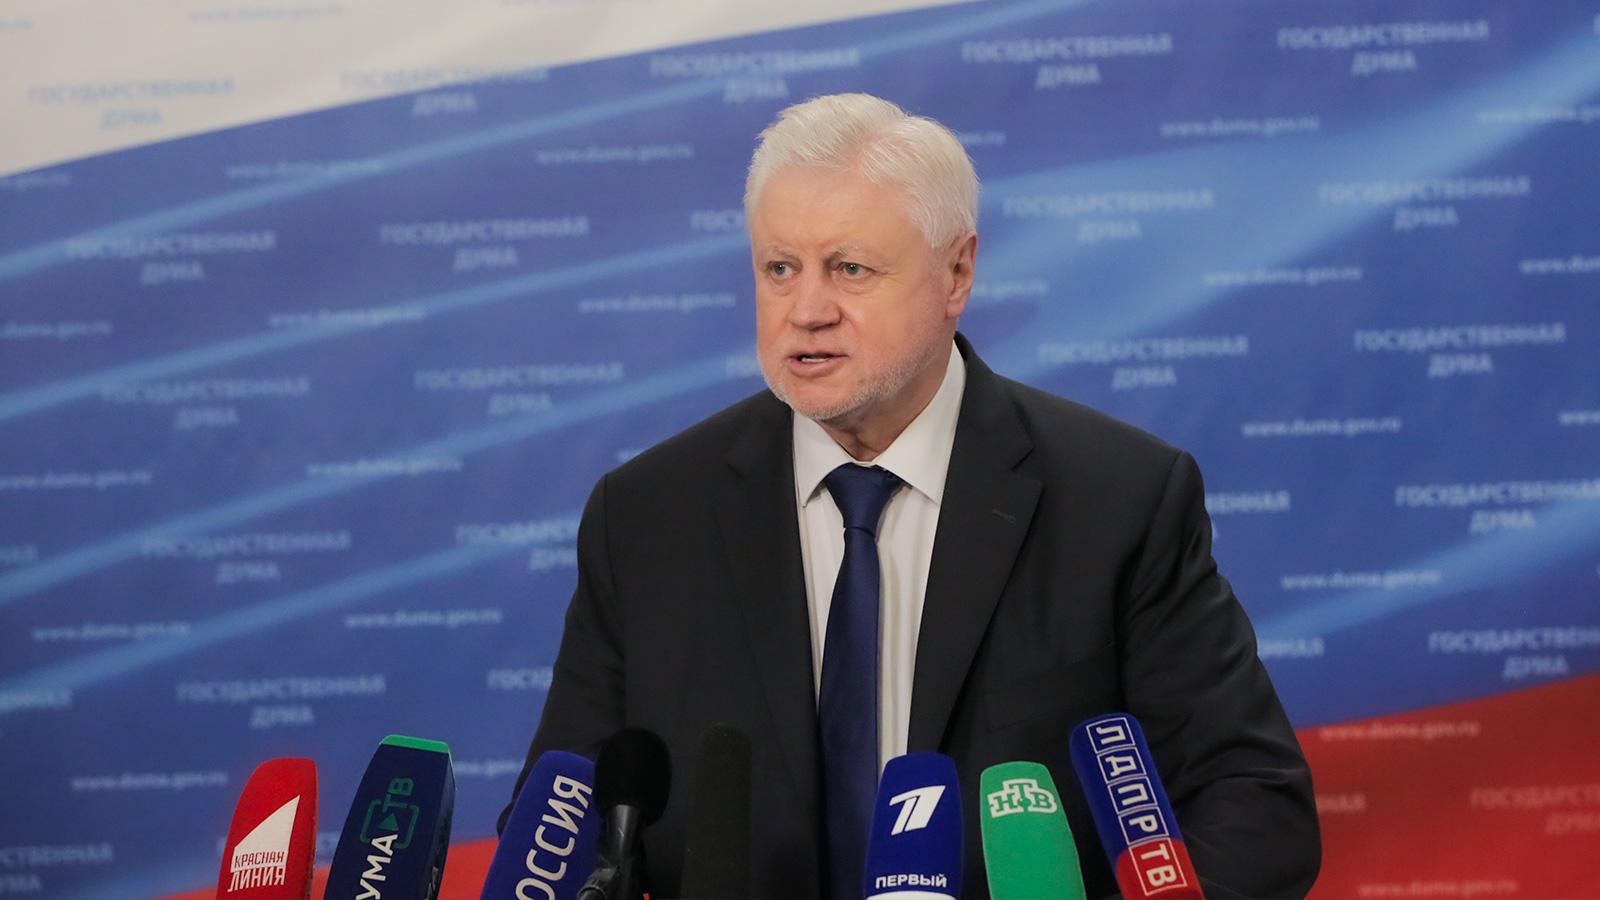 Сергей Миронов: программа материнского капитала должна стать постоянной